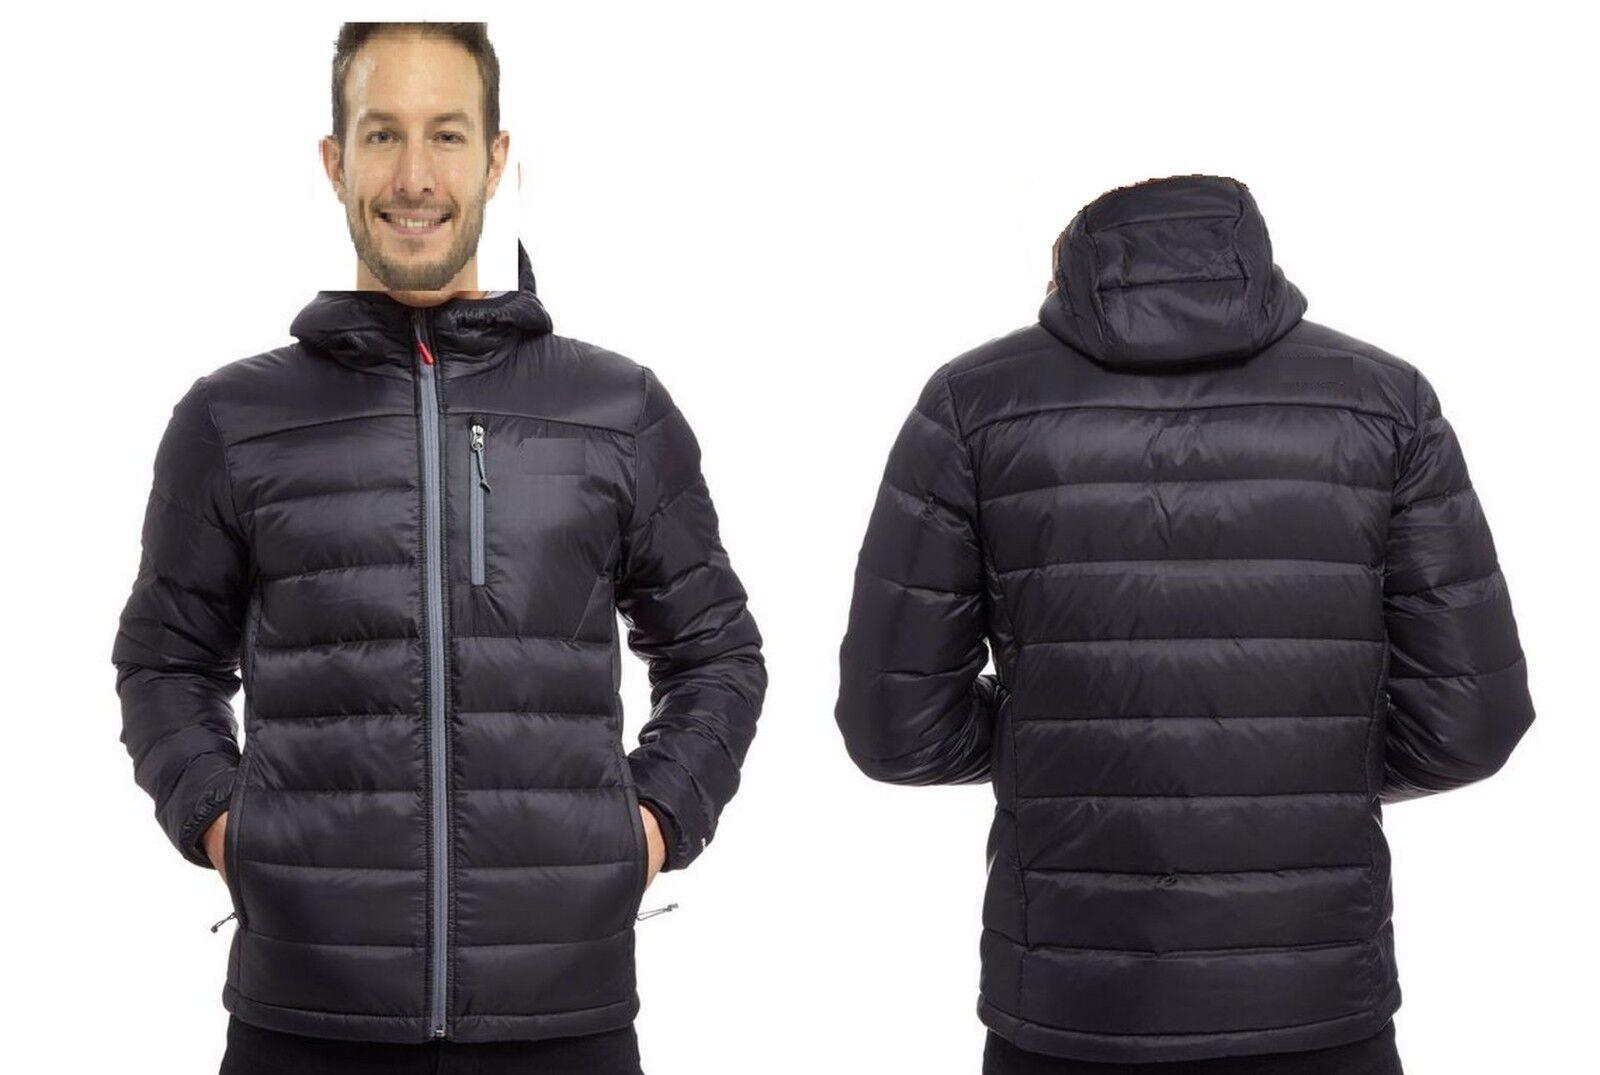 Manteau à capuchon en puffa d hiver pour homme SterlingSports®, isolant ouatiné, imperméable